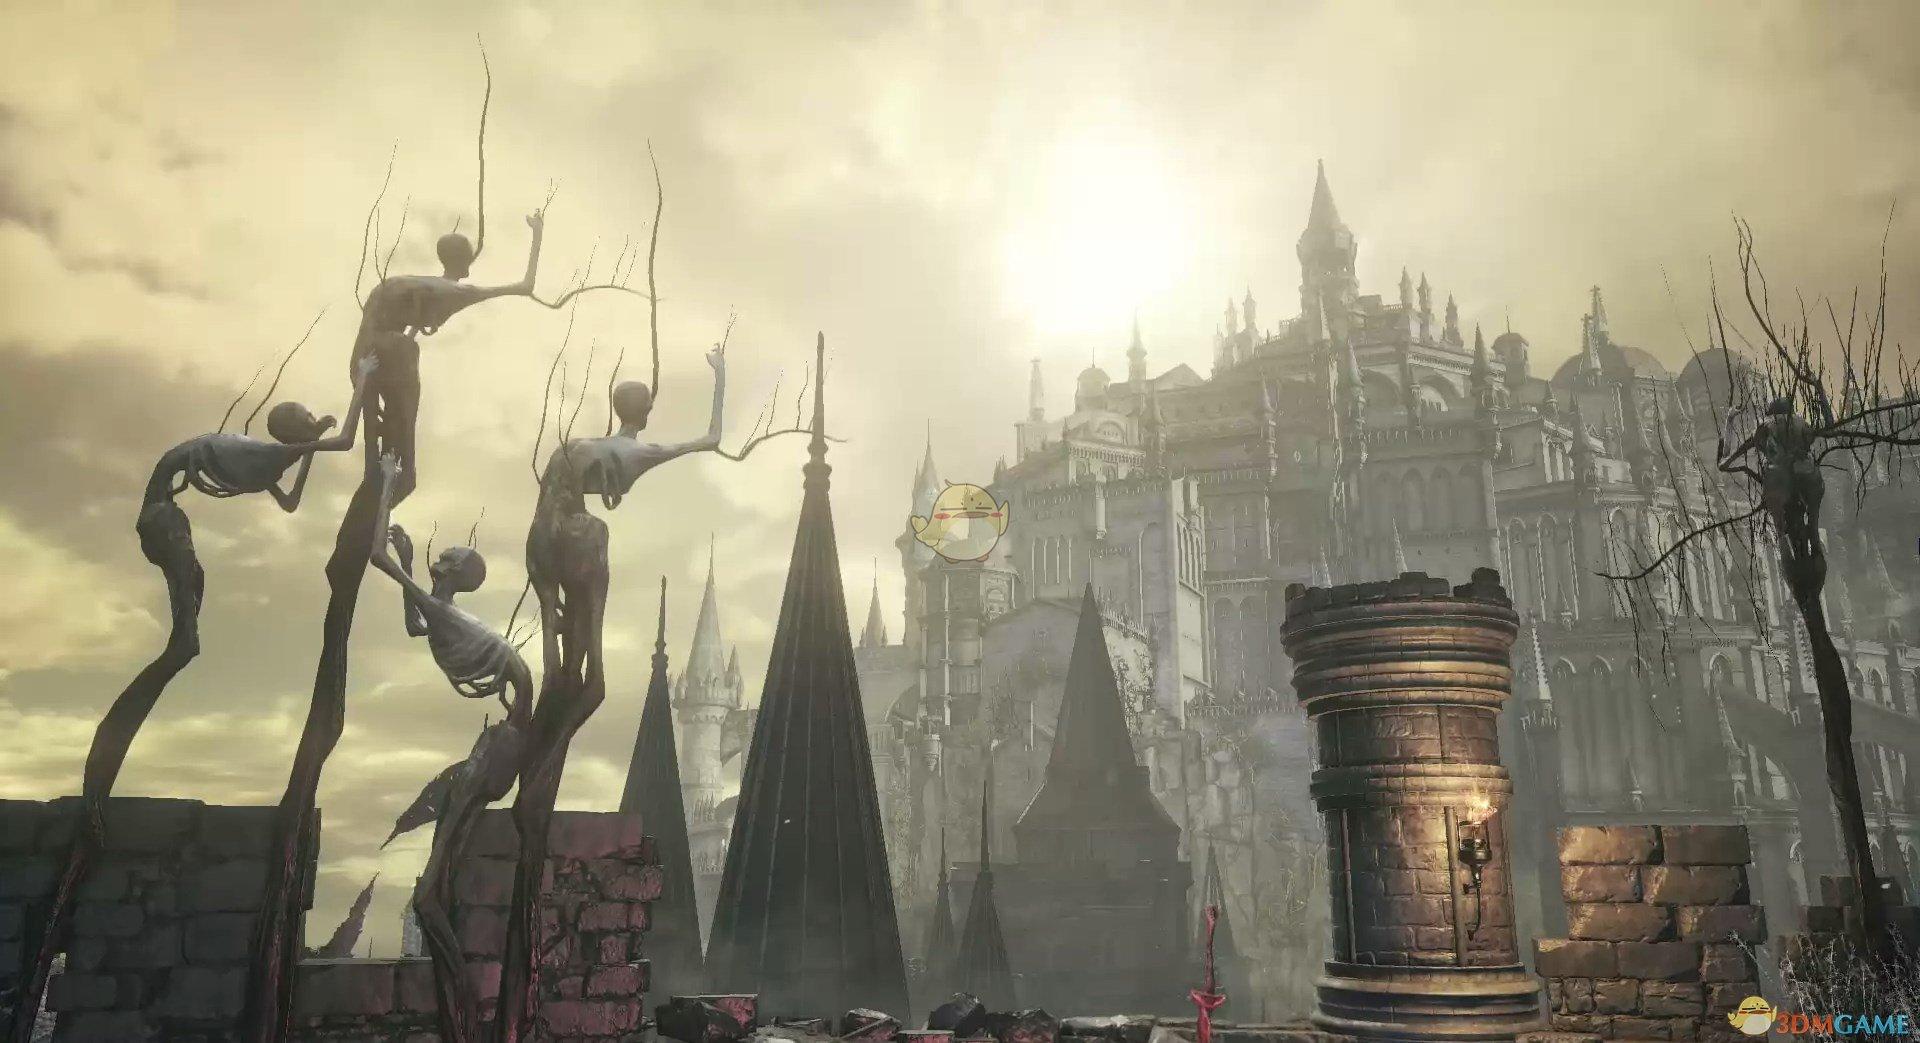 《黑暗之魂3》灰烬MOD飞龙剑获得方法分享